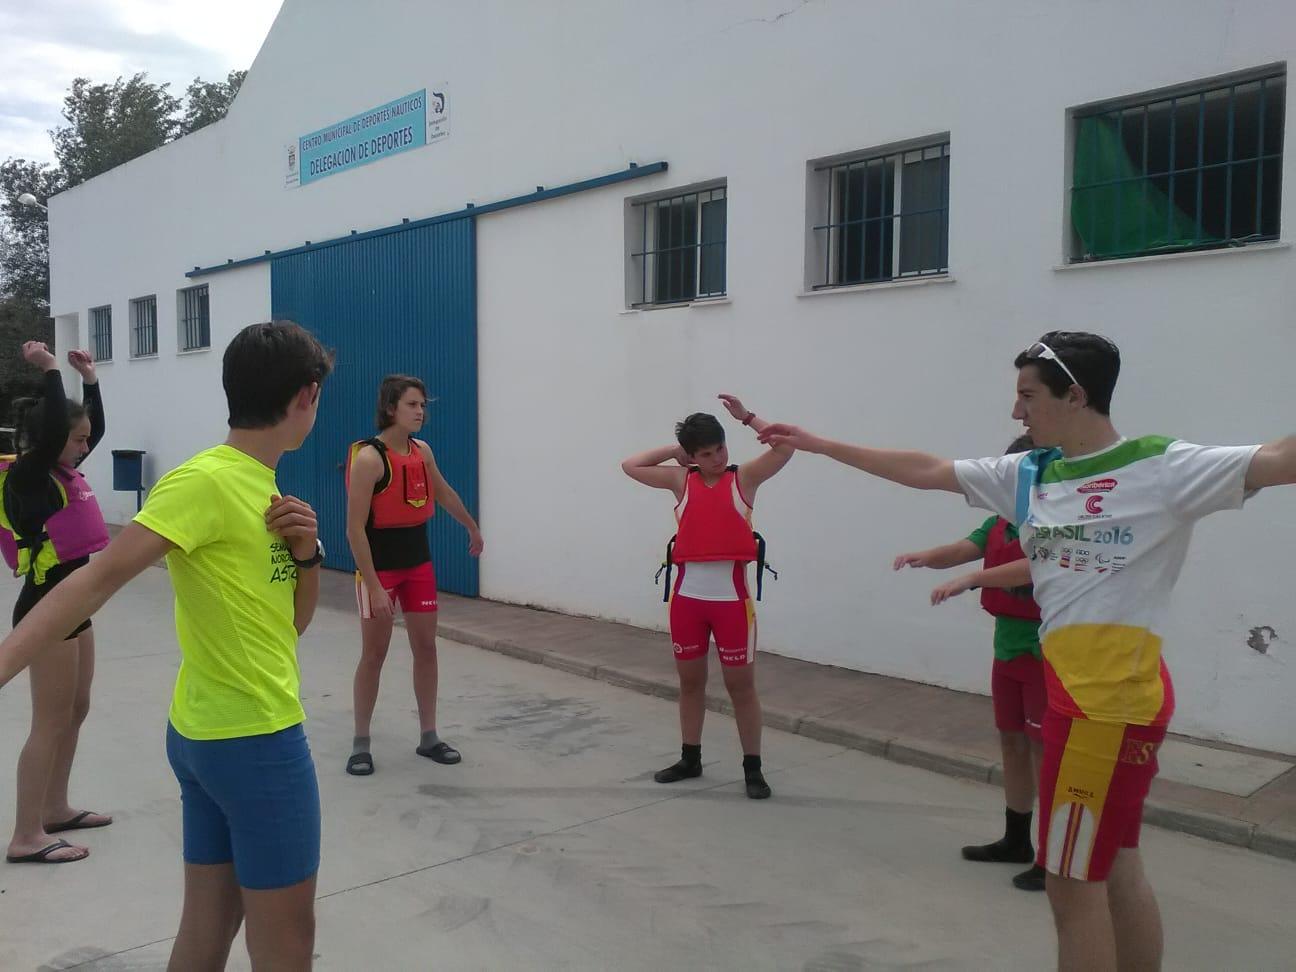 Los Palistas Naviegos ya se encuentran en Arcos de la Frontera para disputar el Campeonato de España de Jóvenes Promesas